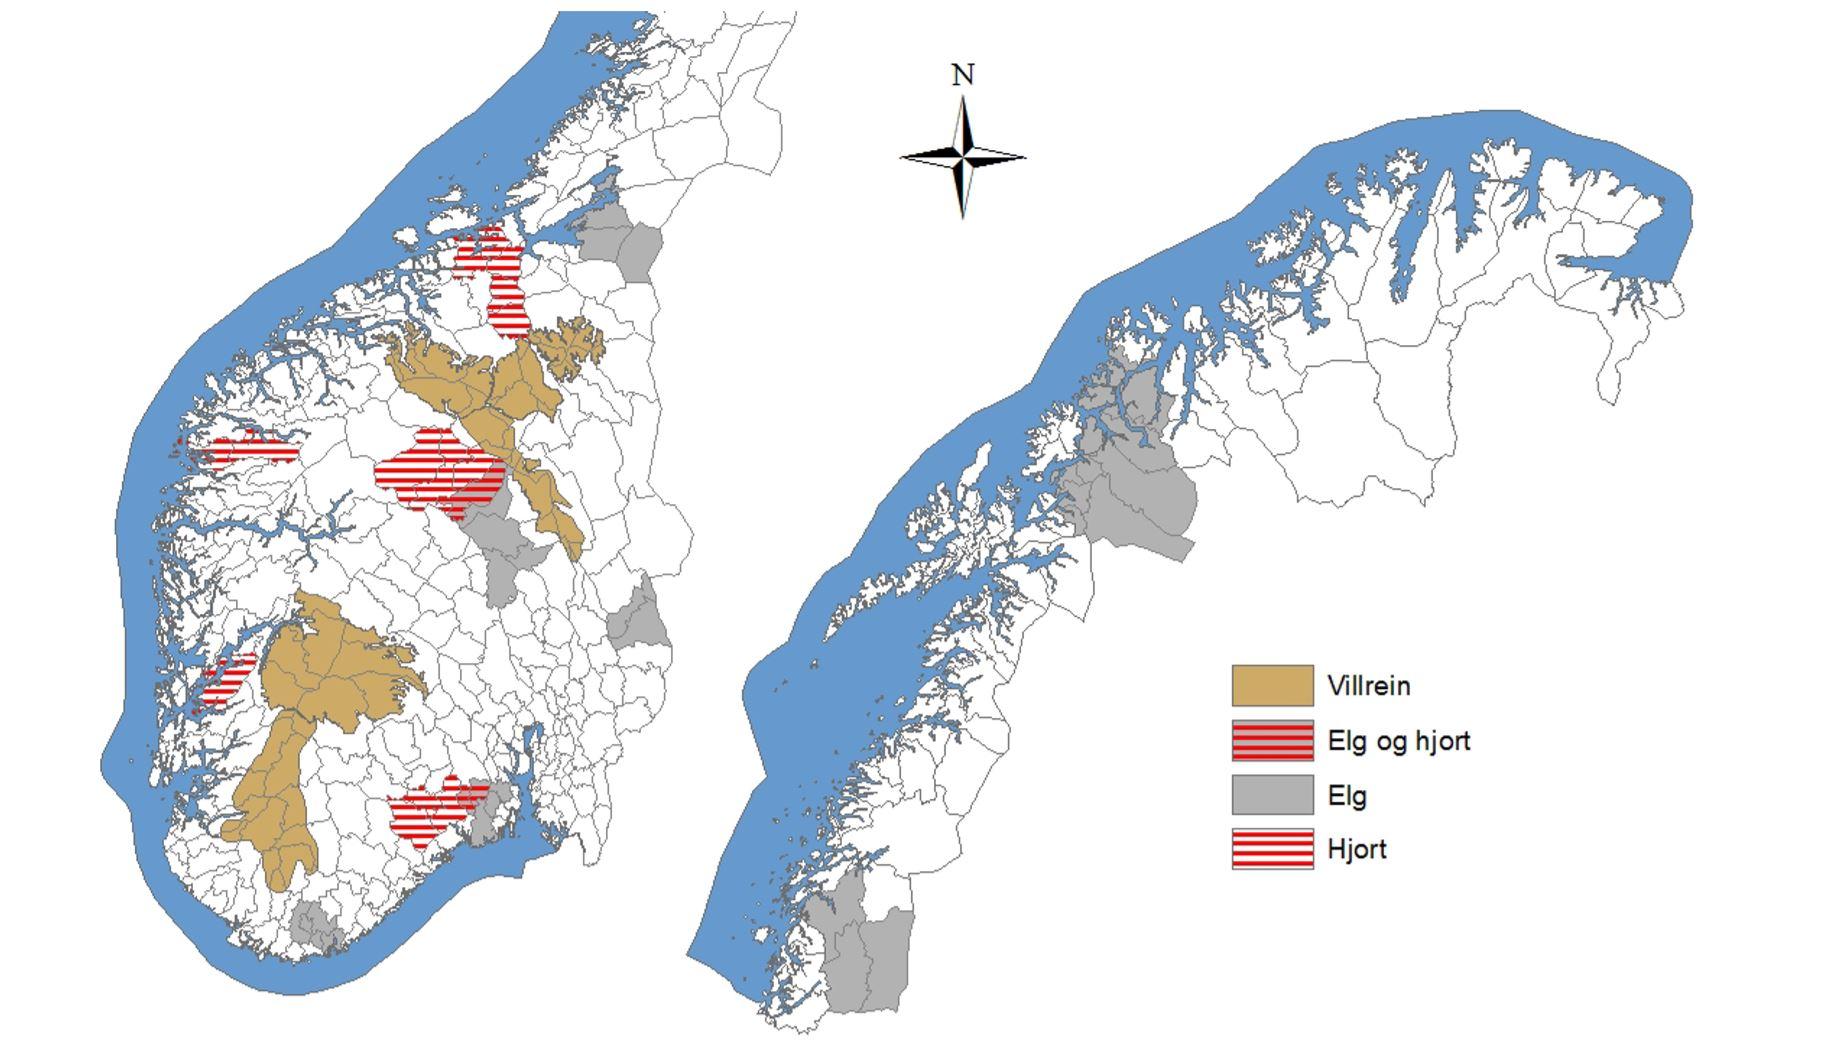 Figuren viser de ulike overvåkingsområdene for elg, hjort og villrein. Villrein i brun farge. Kilde: NINA Rapport 1388.